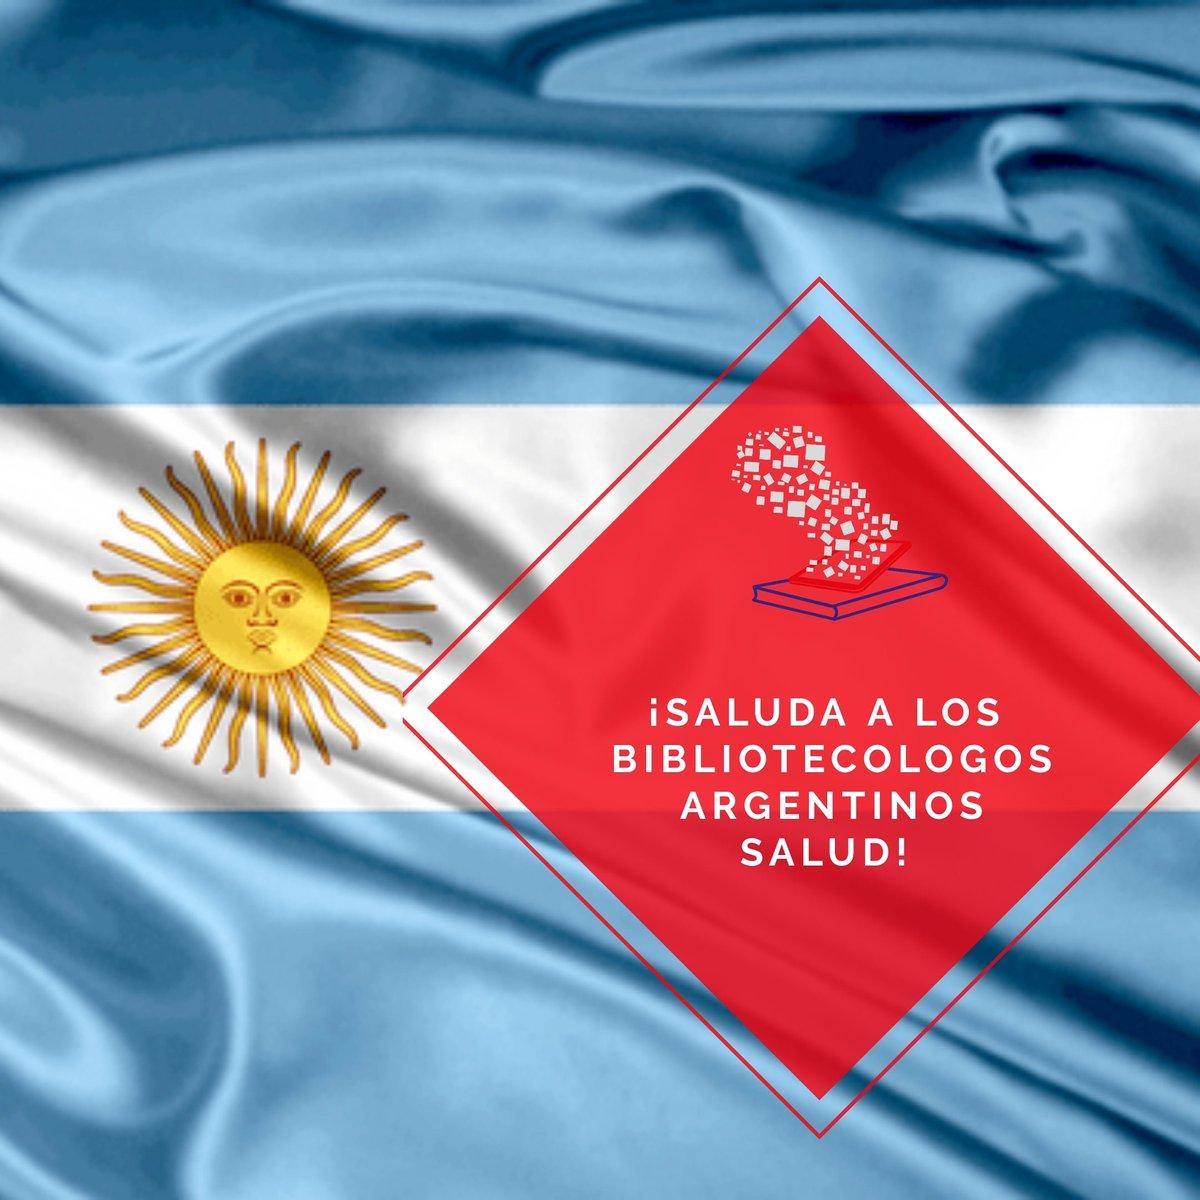 La Asociación Paraguaya de Gestores de la Información saluda a todos los colegas argentinos! https://t.co/rEIsOD8xu5